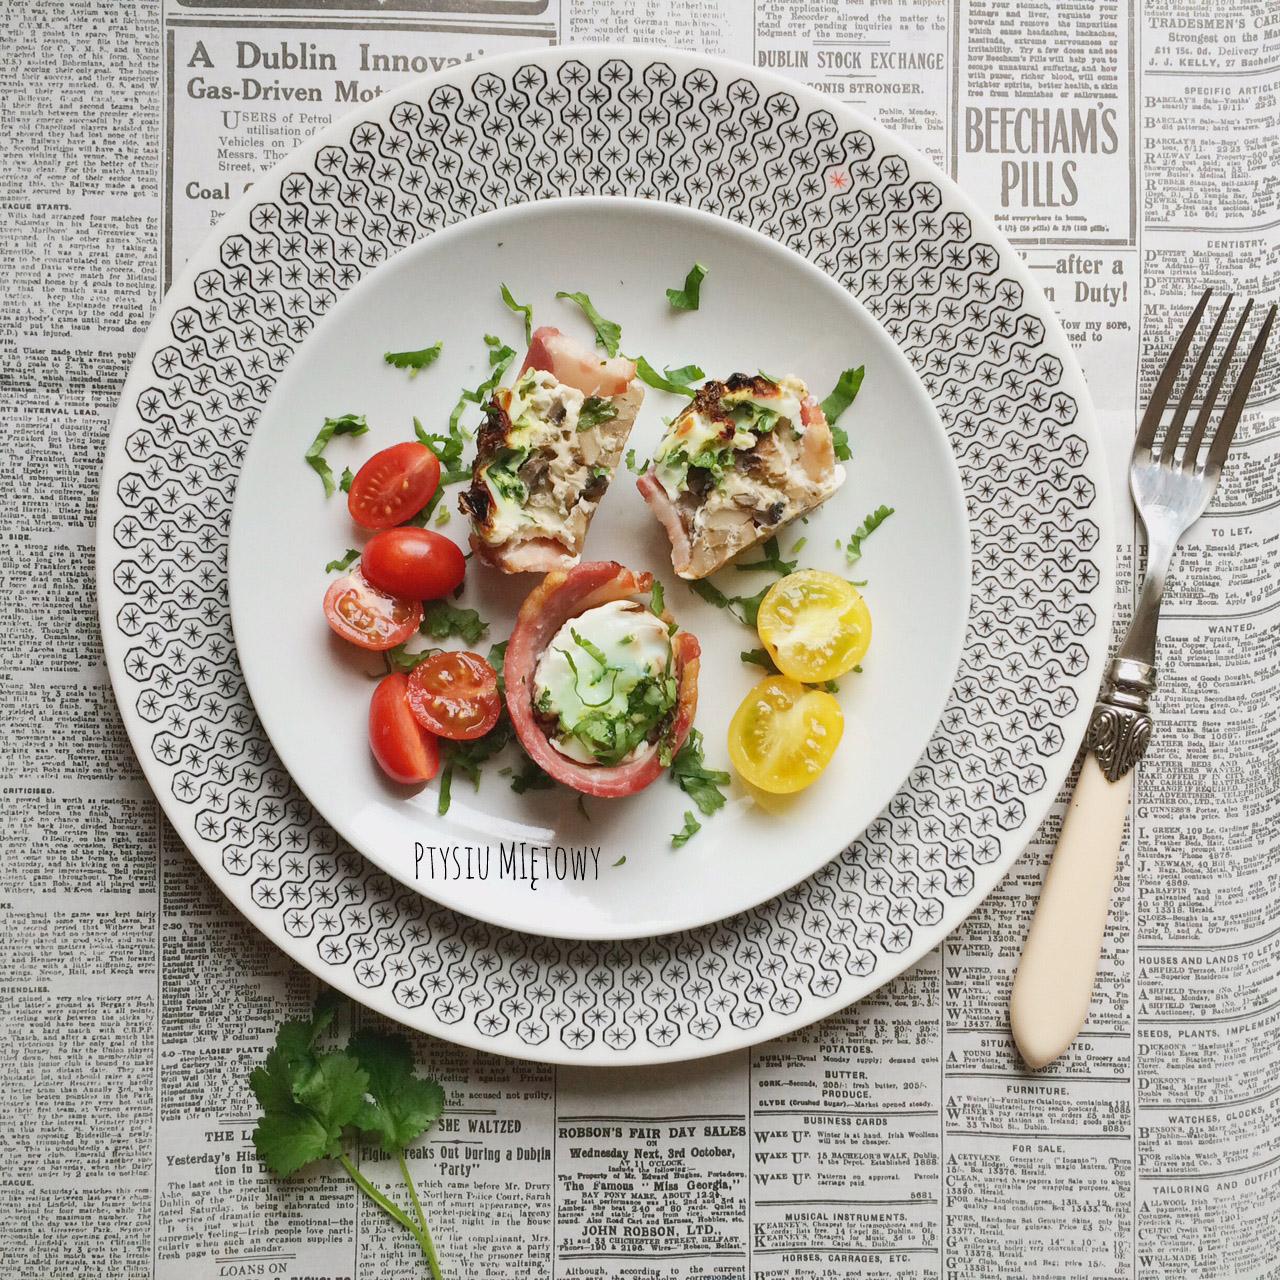 jajka, pieczarki, sniadanie, ptysiu mietowy